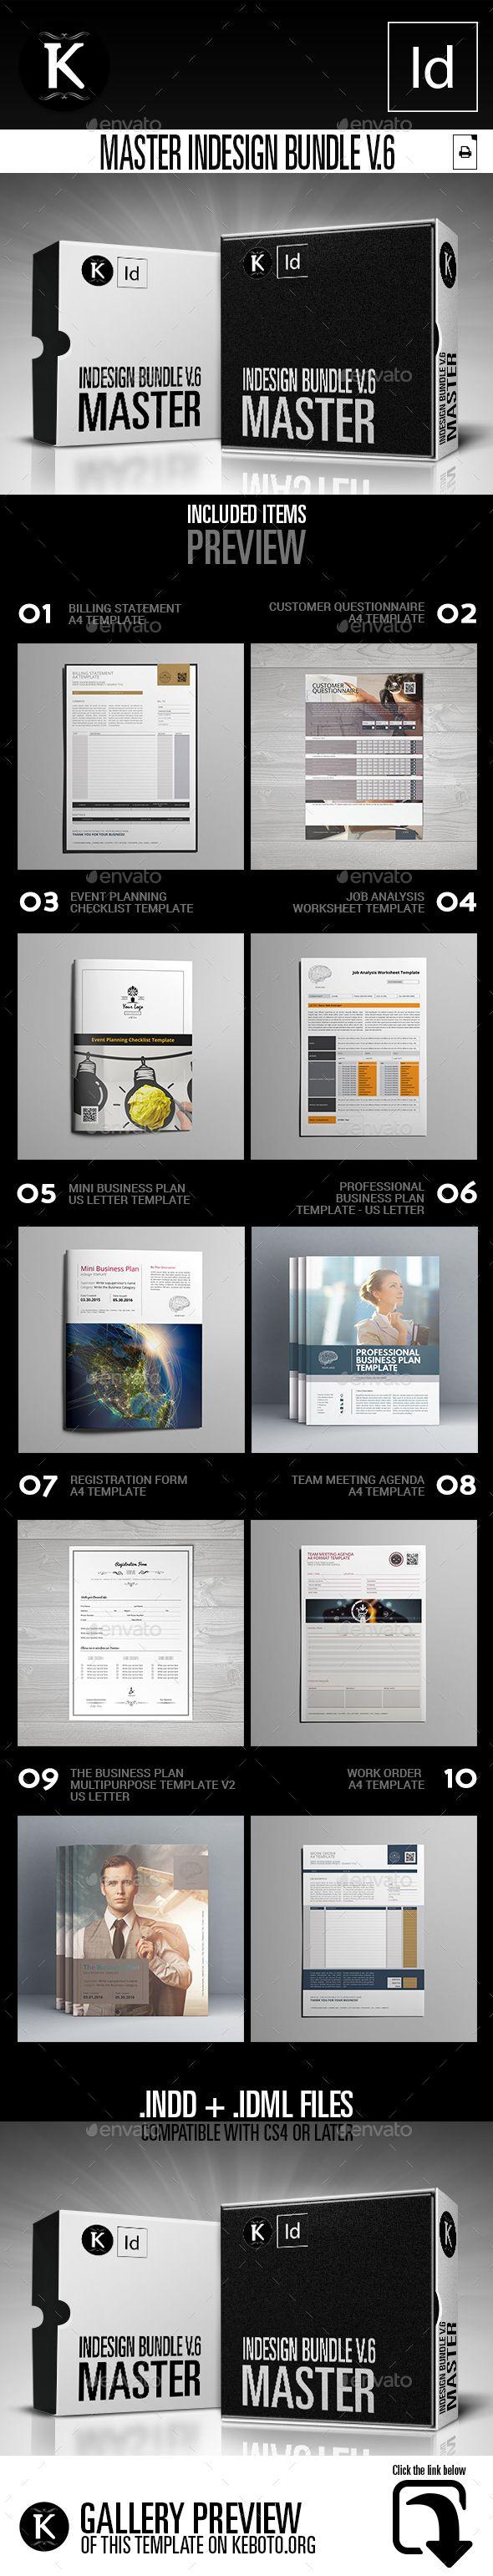 Delivery Docket 80 Best Elegant Print Templates Images On Pinterest